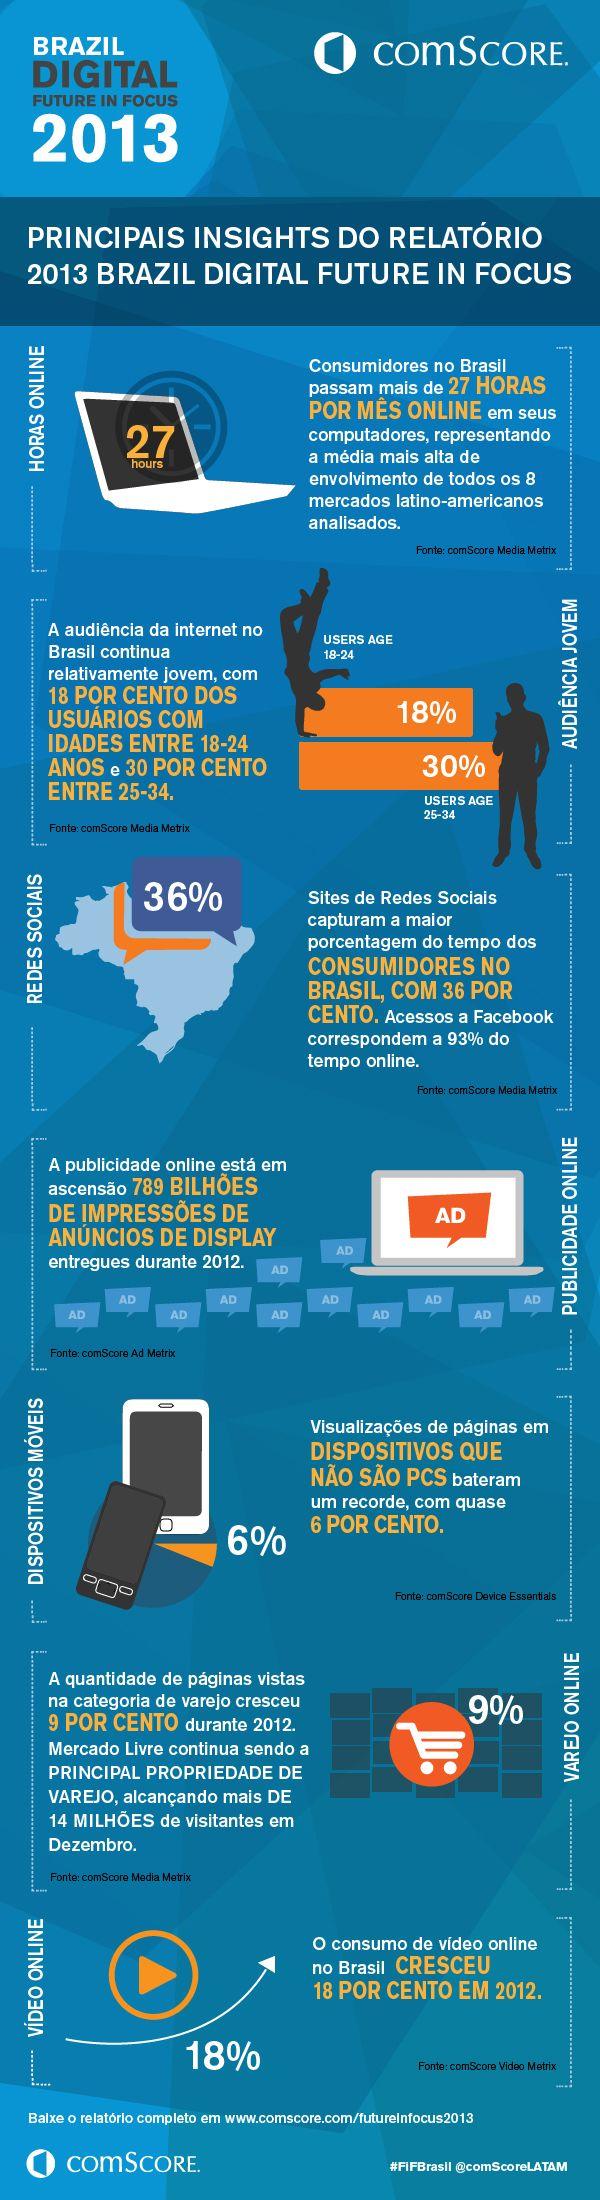 http://www.bluebus.com.br/google-apresenta-ferramenta-que-ajuda-a-medir-roi-de-campanhas-mobile/?utm_source=rss_medium=rss_campaign=google-apresenta-ferramenta-que-ajuda-a-medir-roi-de-campanhas-mobile